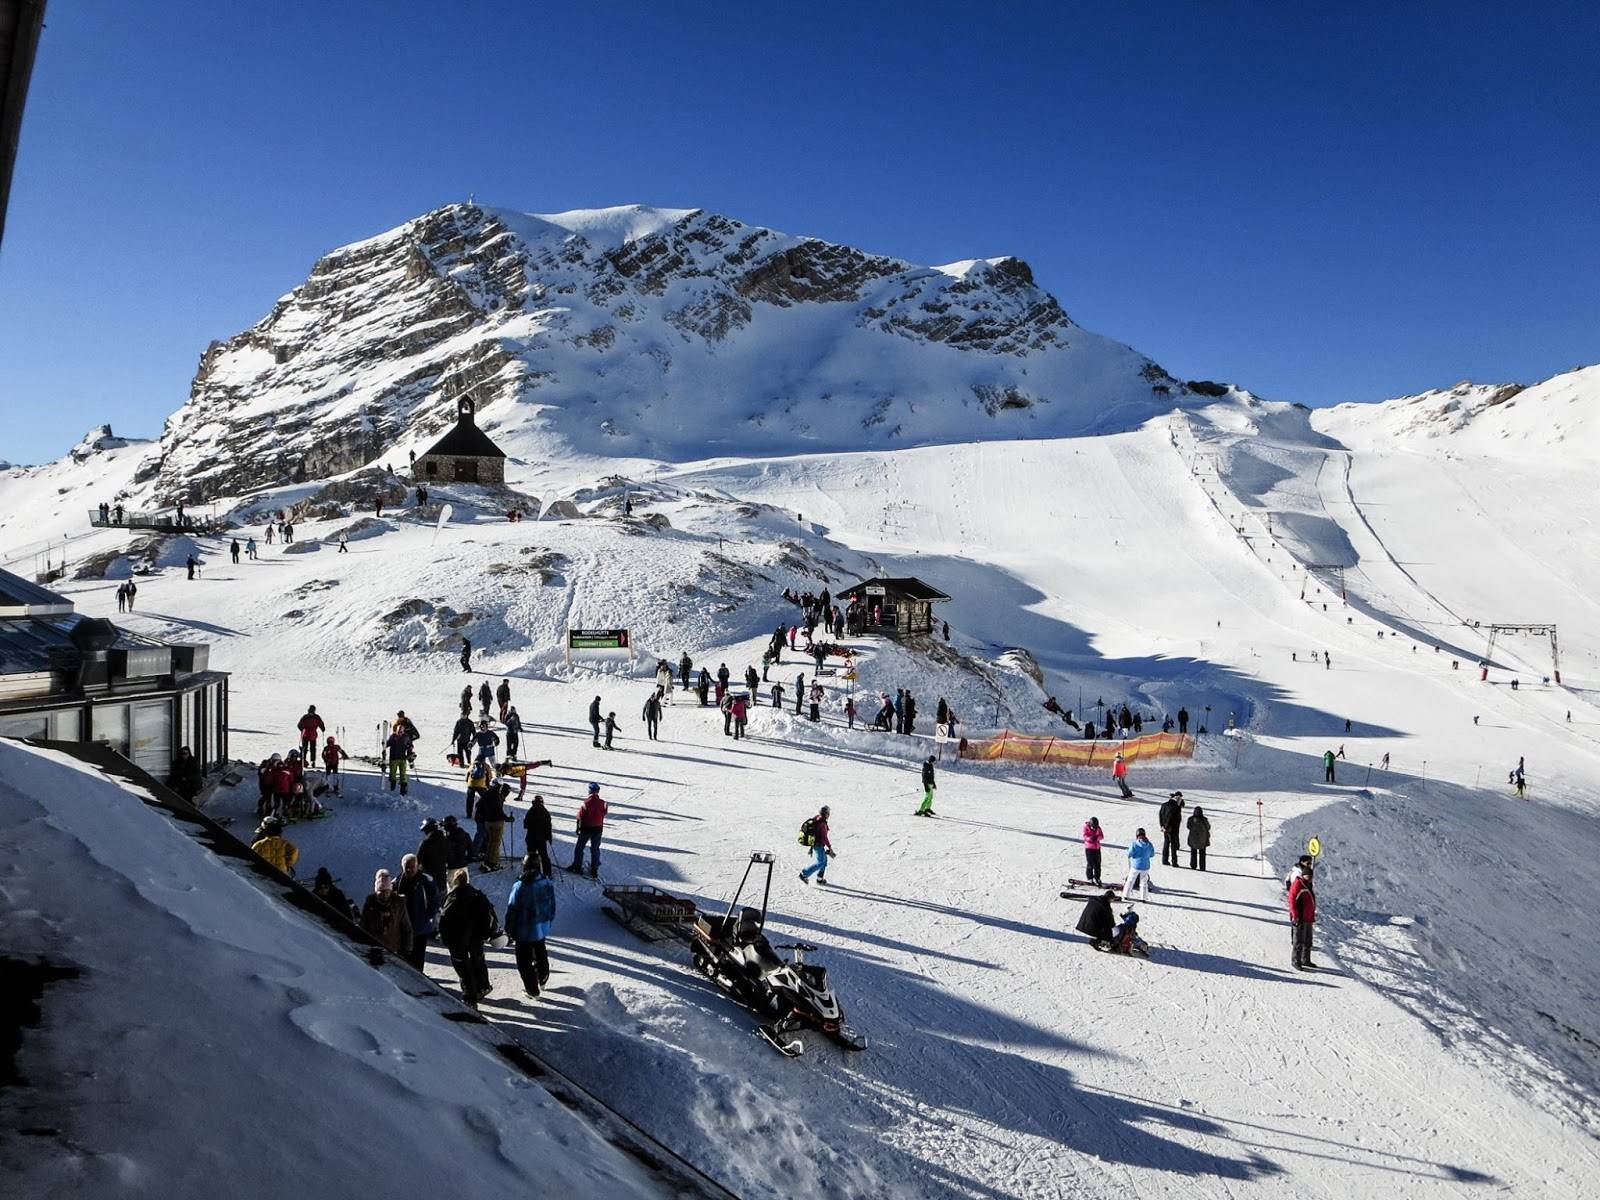 Гармиш партенкирхен, цугшпитце | горнолыжный информационный портал fanski.ru – фанаты горных лыж.